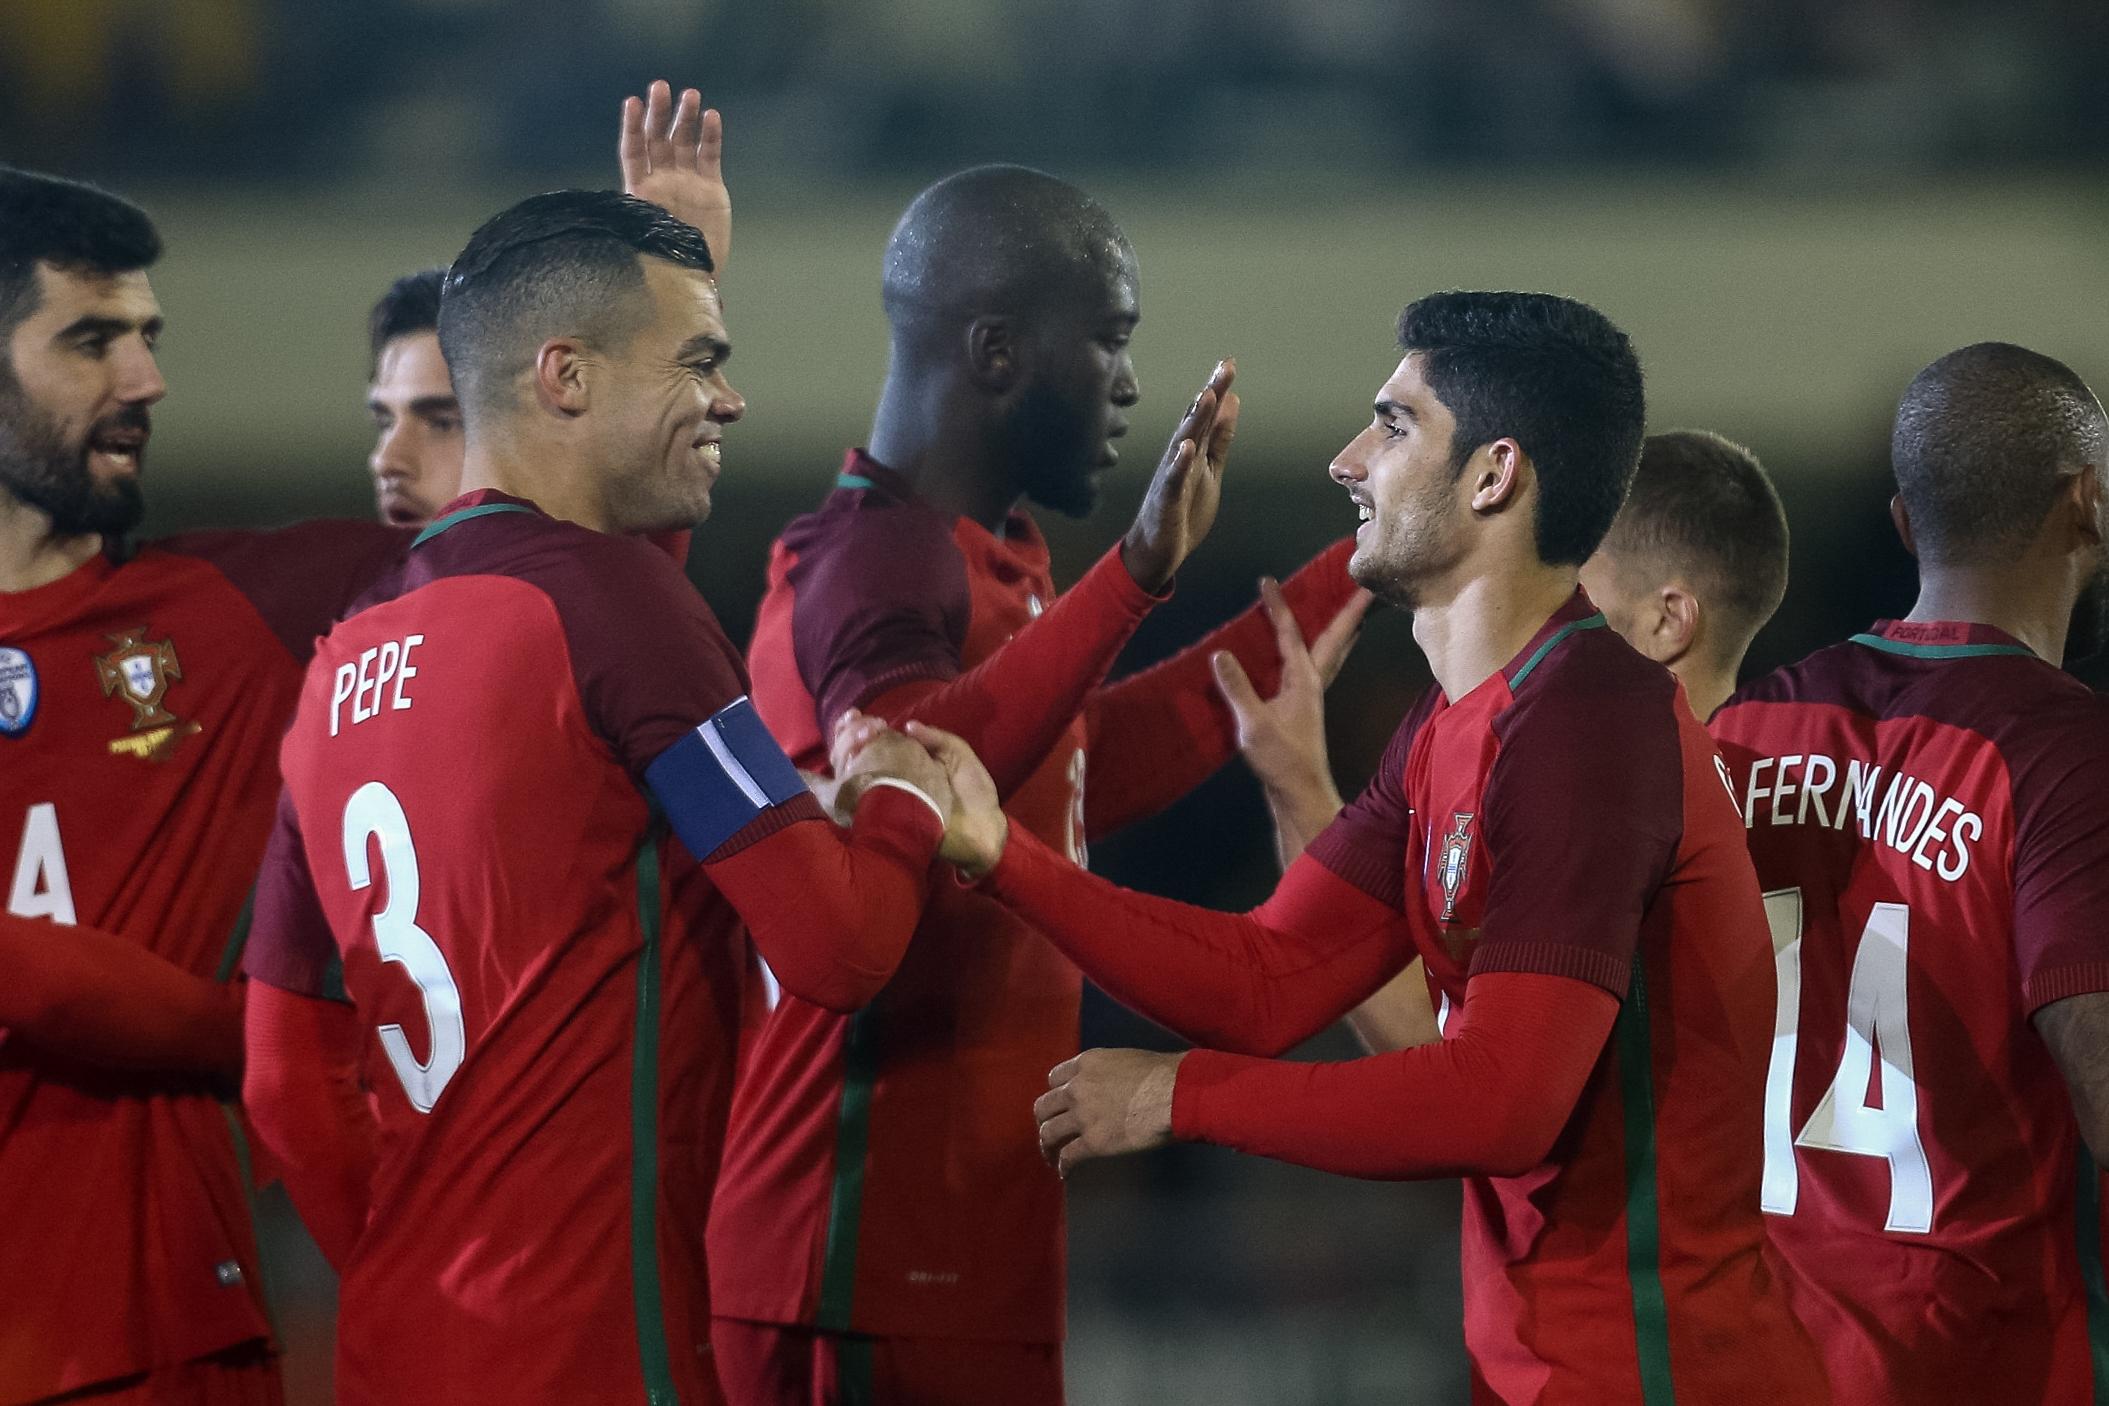 Portugal vence Arábia e Fernando Santos ganha boas dores de cabeça — Crónica